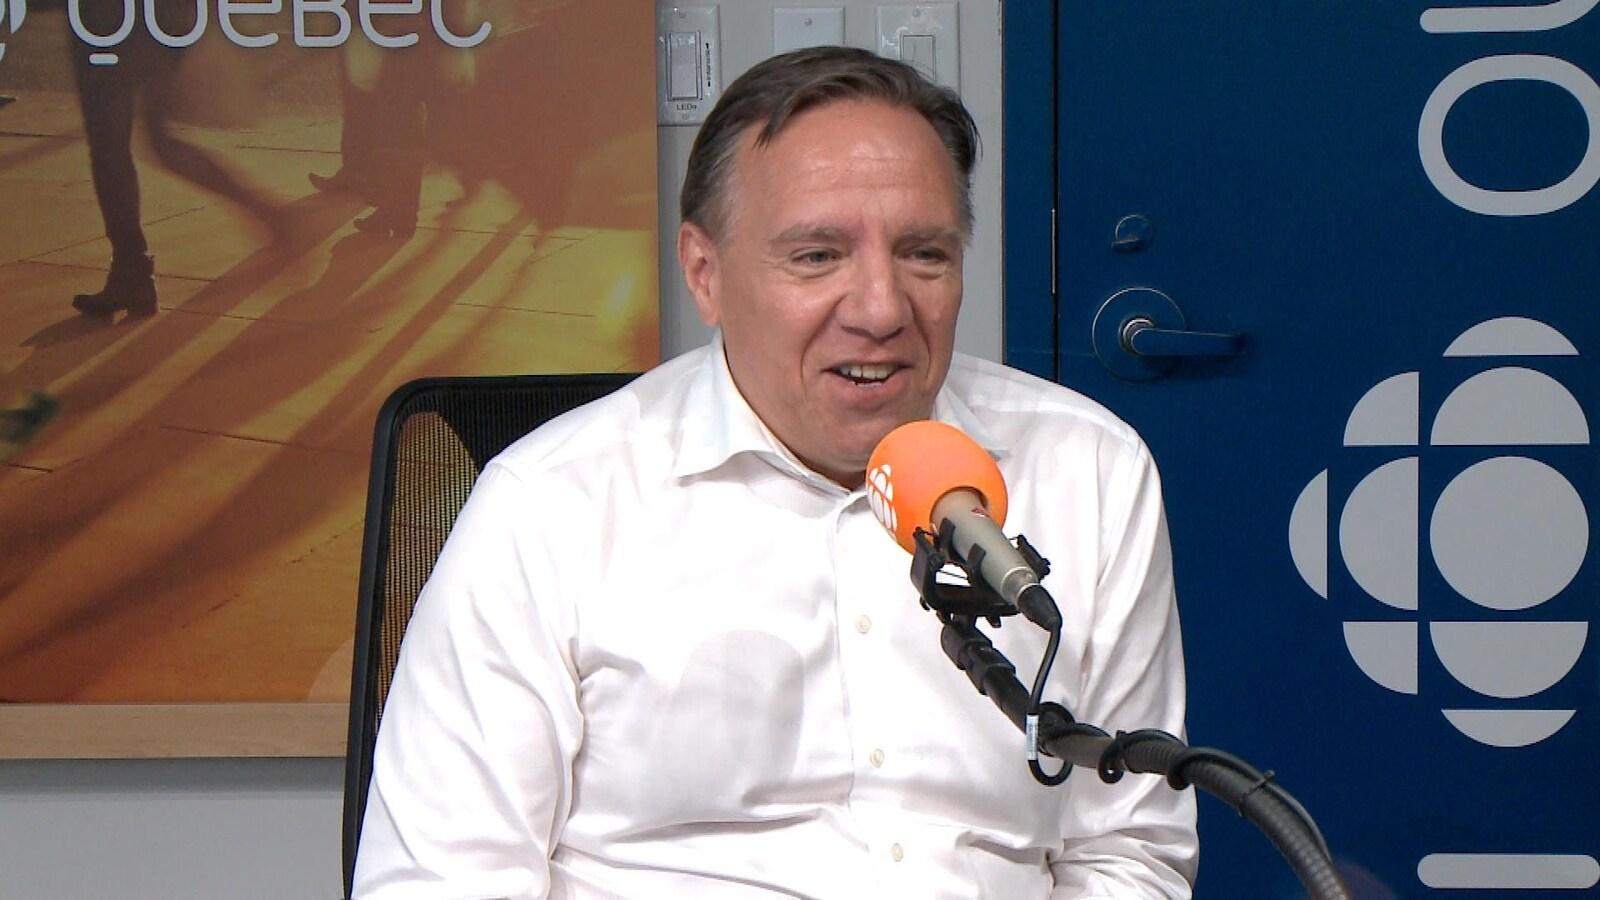 François Legault en entrevue  dans le studio de l'émission «C'est encore mieux l'après-midi» diffusée sur les ondes de Radio-Canada.